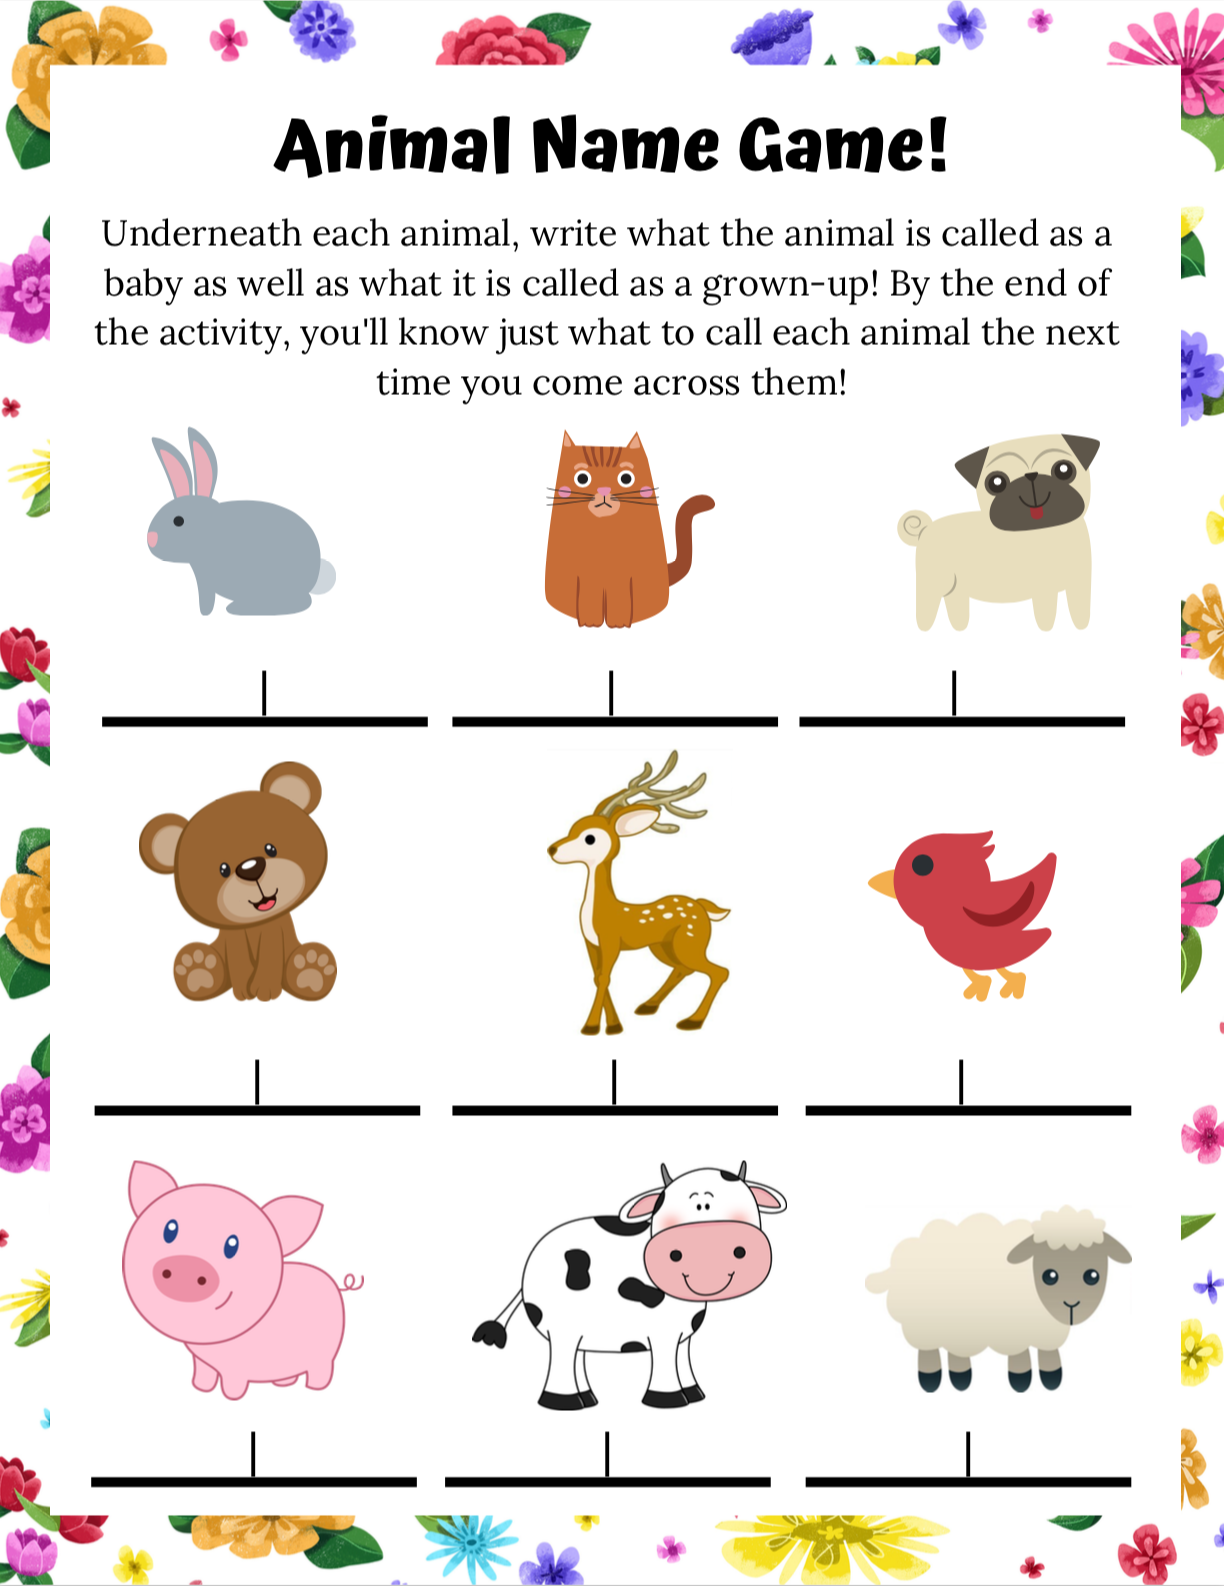 Poppy & Posie's Animal Name Game - The Blossom Shoppe